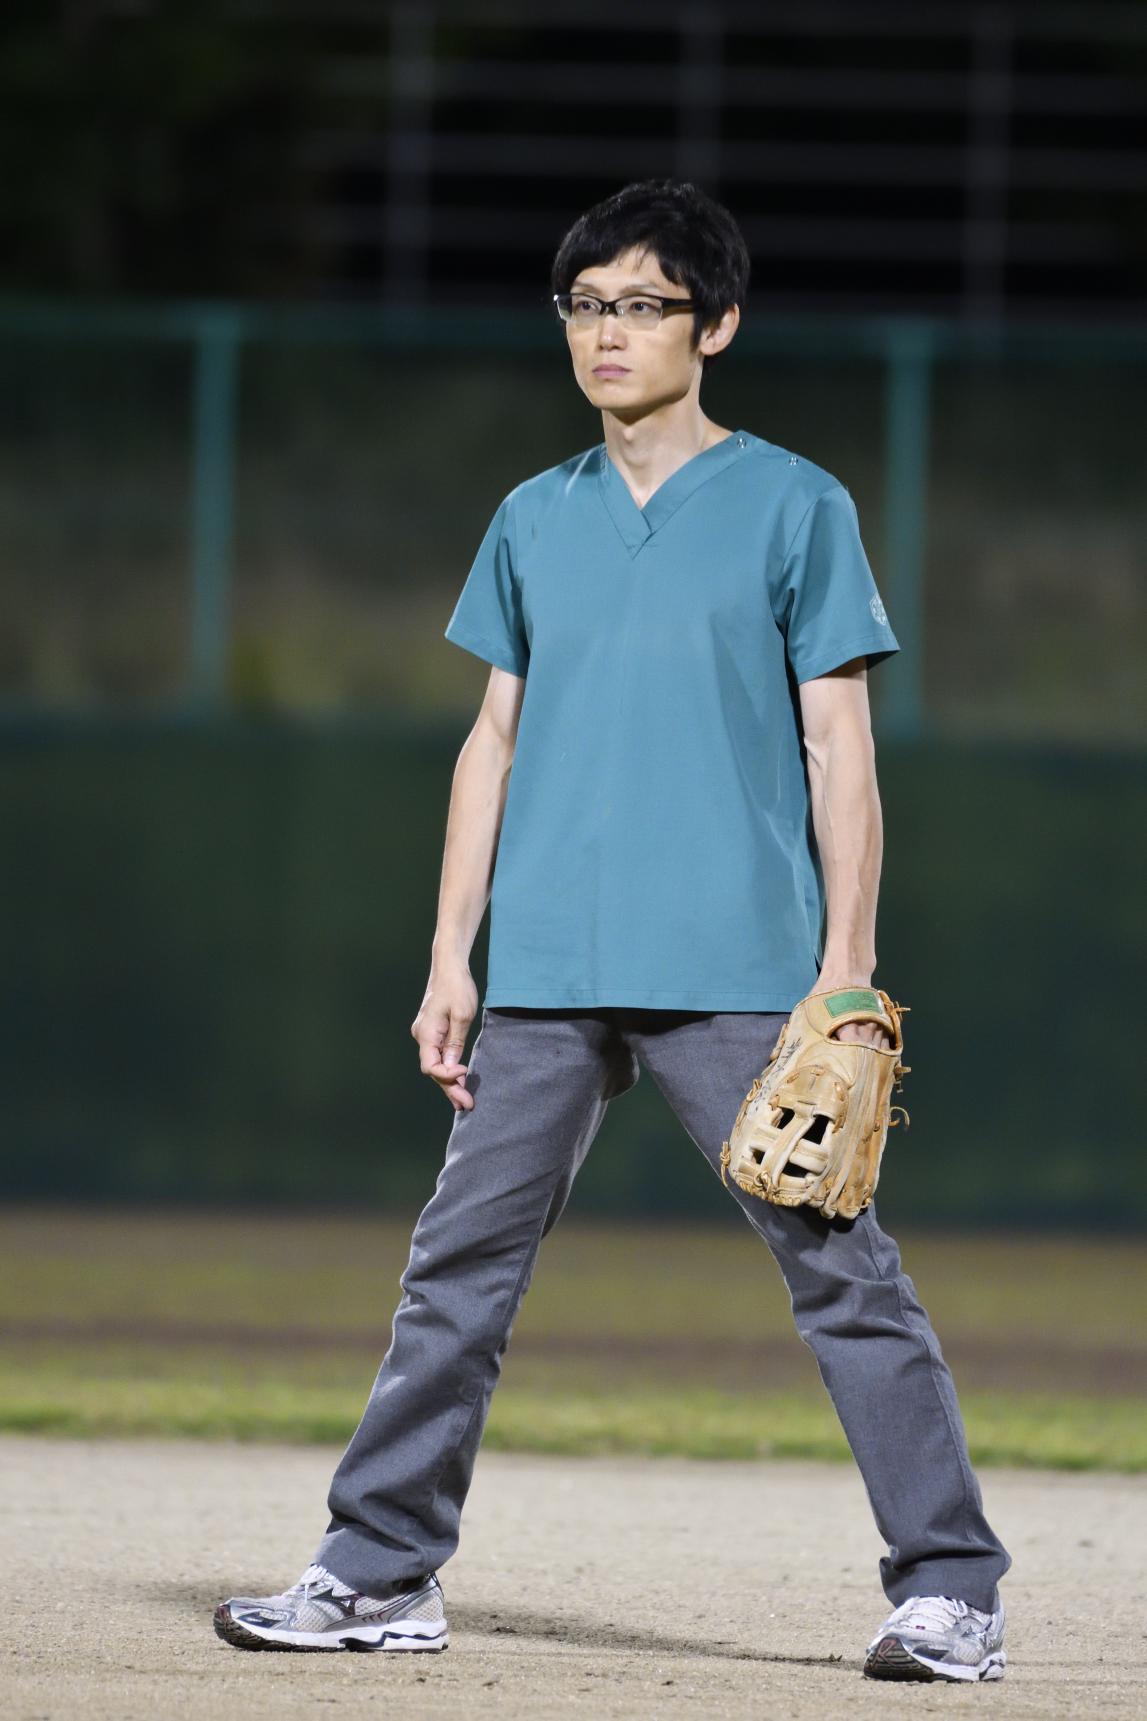 野球未経験の小倉先生ですが、